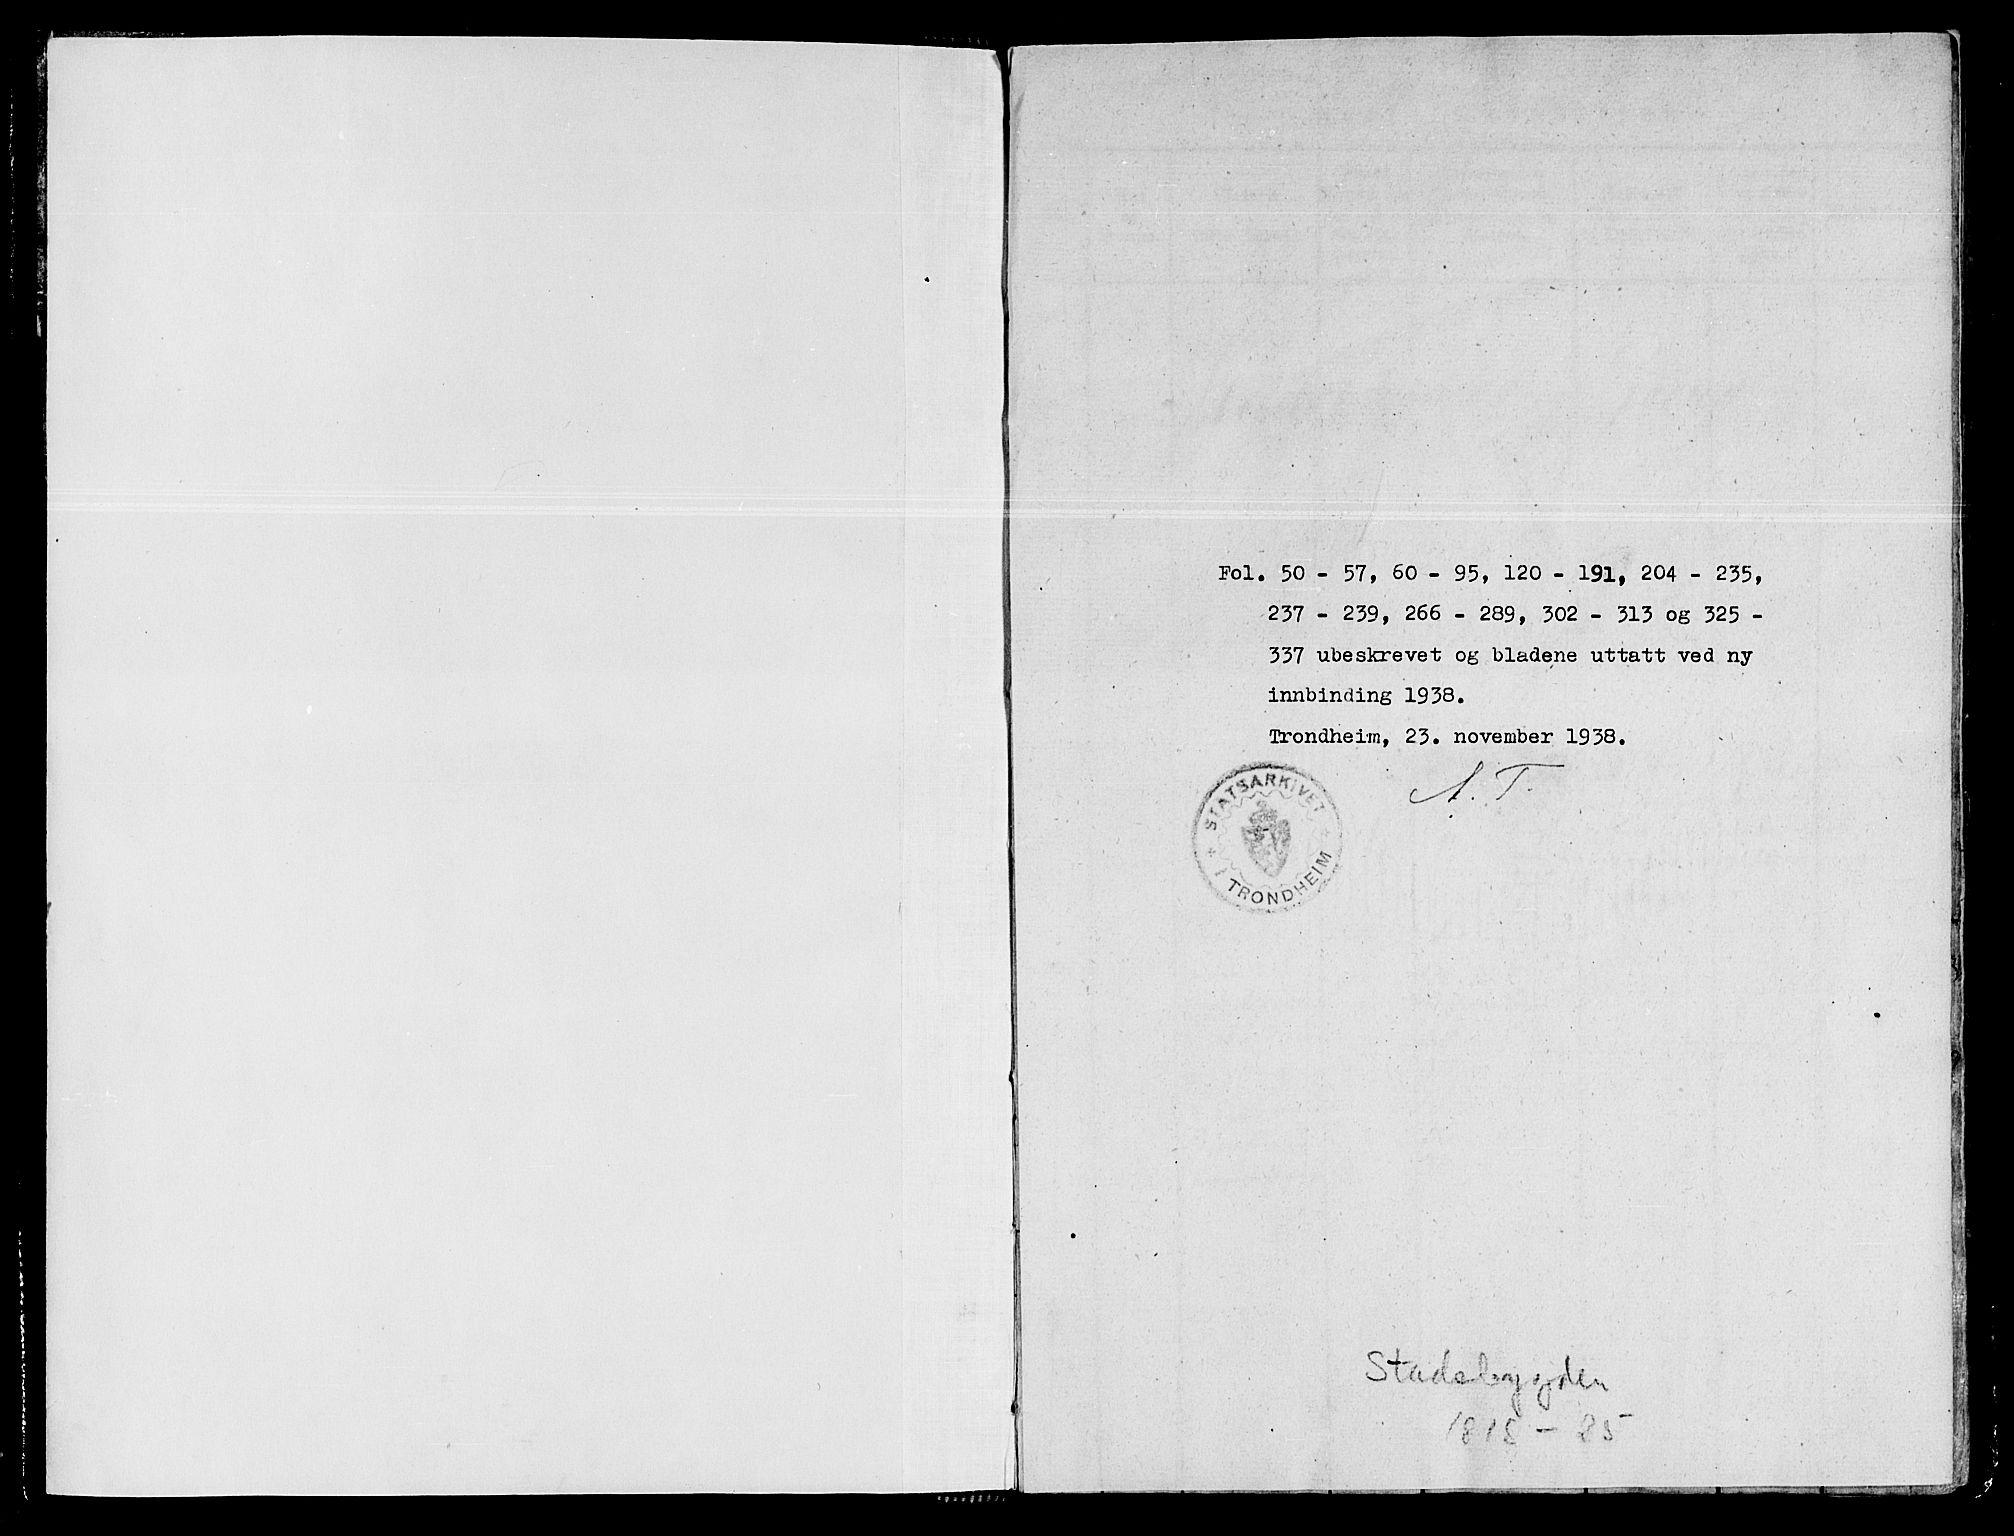 SAT, Ministerialprotokoller, klokkerbøker og fødselsregistre - Sør-Trøndelag, 646/L0608: Ministerialbok nr. 646A06, 1816-1825